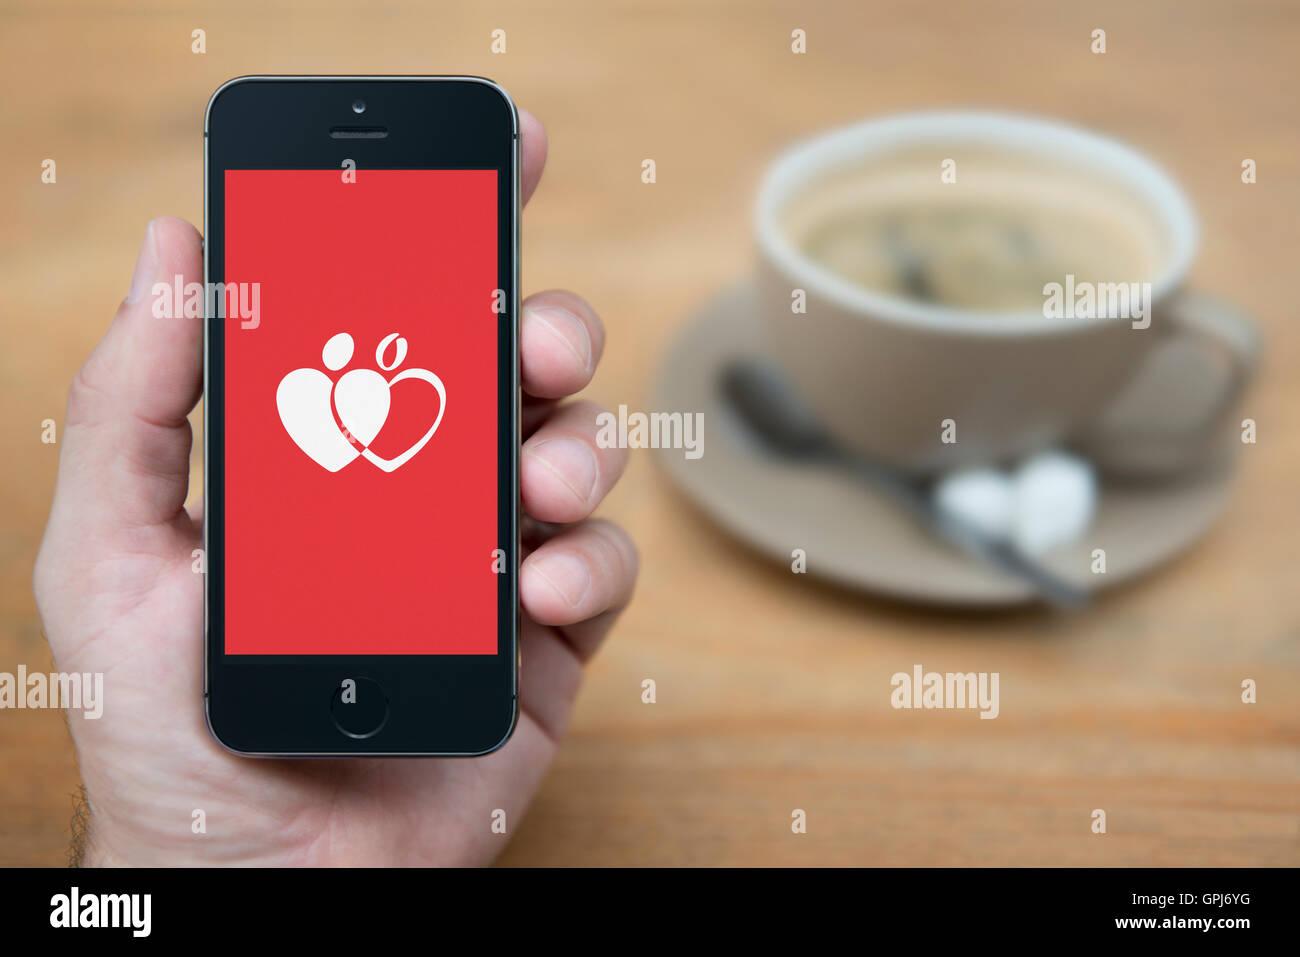 Ein Mann schaut auf seinem iPhone die Blutspende geben-Logo anzeigt, während mit einer Tasse Kaffee (nur zur Stockbild